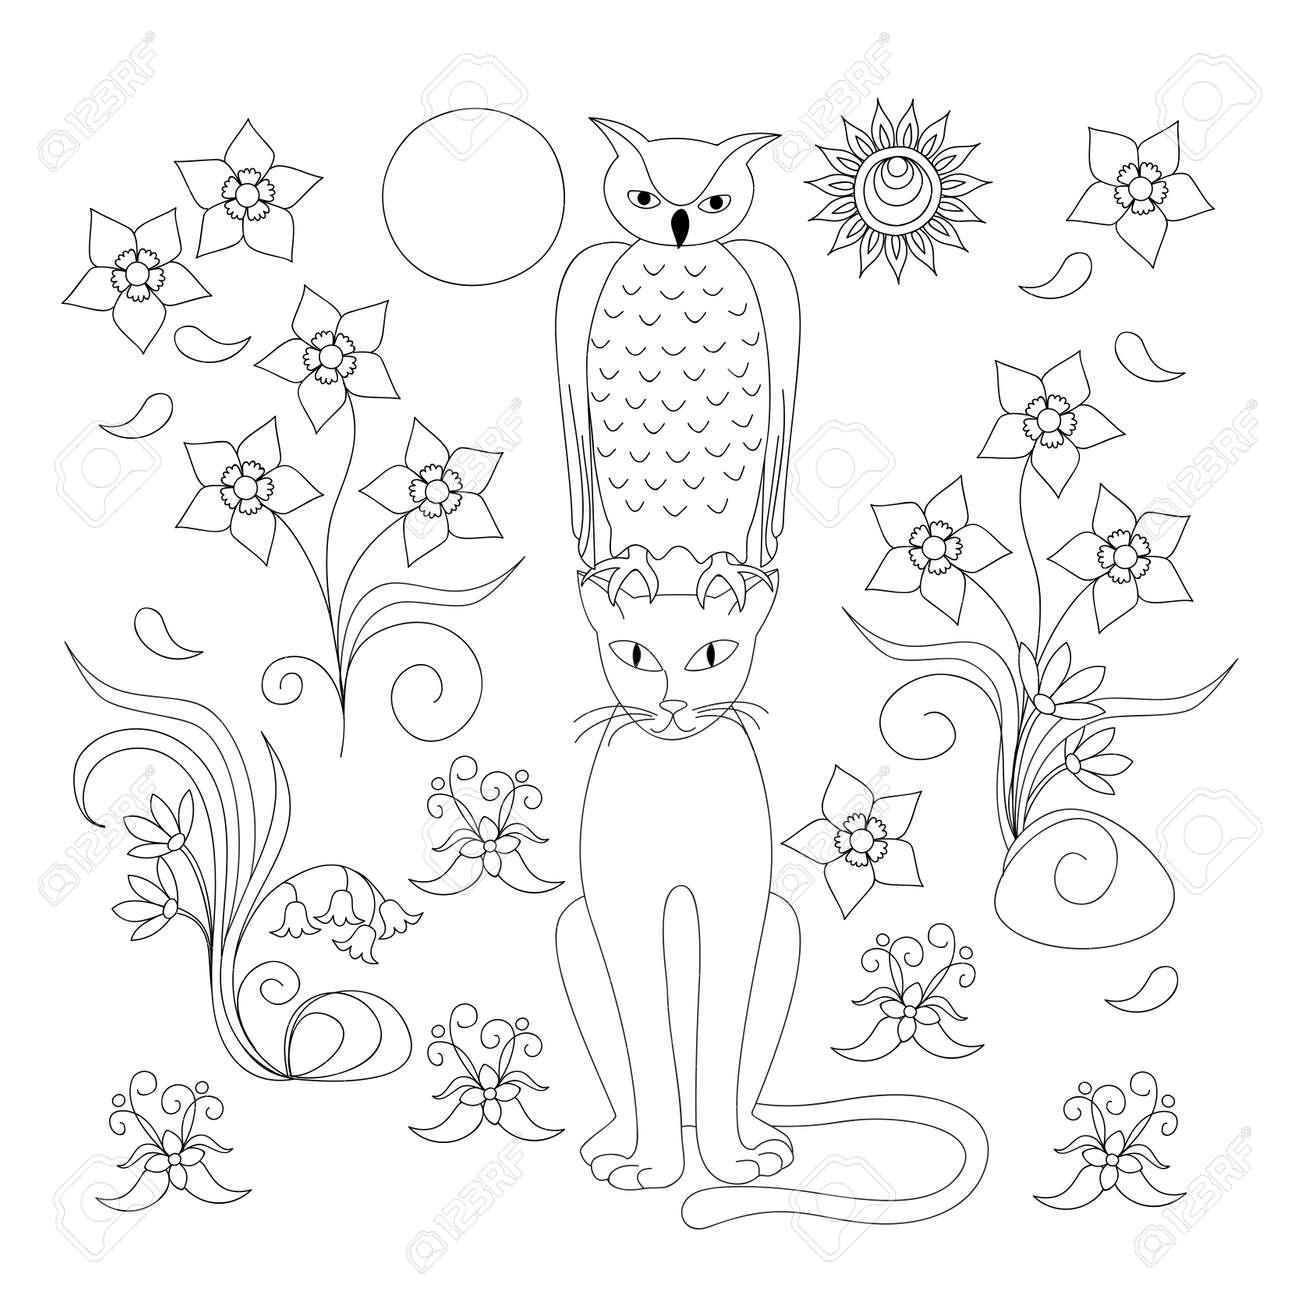 Coloriage Avec Dessin Animé à La Main Chat Hibou Et Fleurs Pour